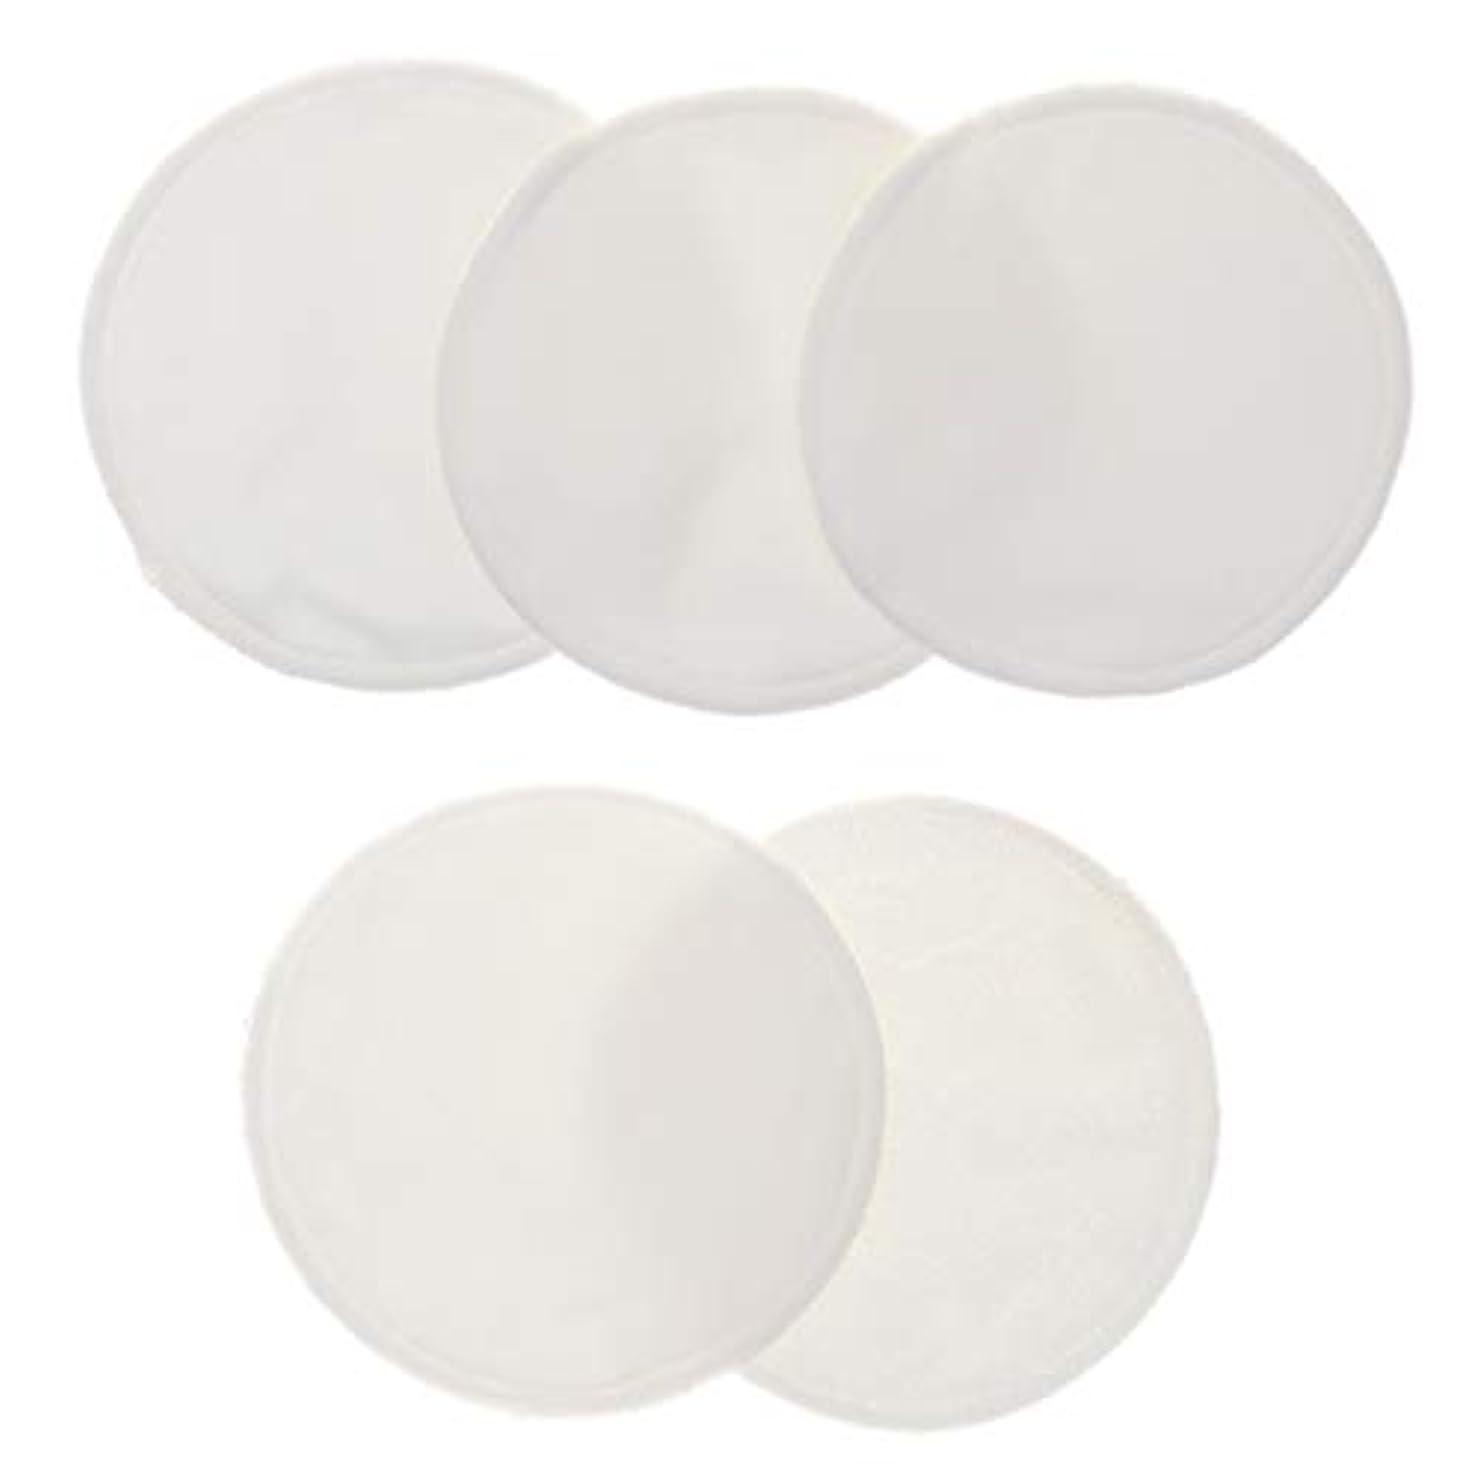 描くルー服を洗う5個 クレンジングシート 胸パッド 化粧用 竹繊維 円形 12cm 洗える 再使用可能 耐久性 全5色 - 白